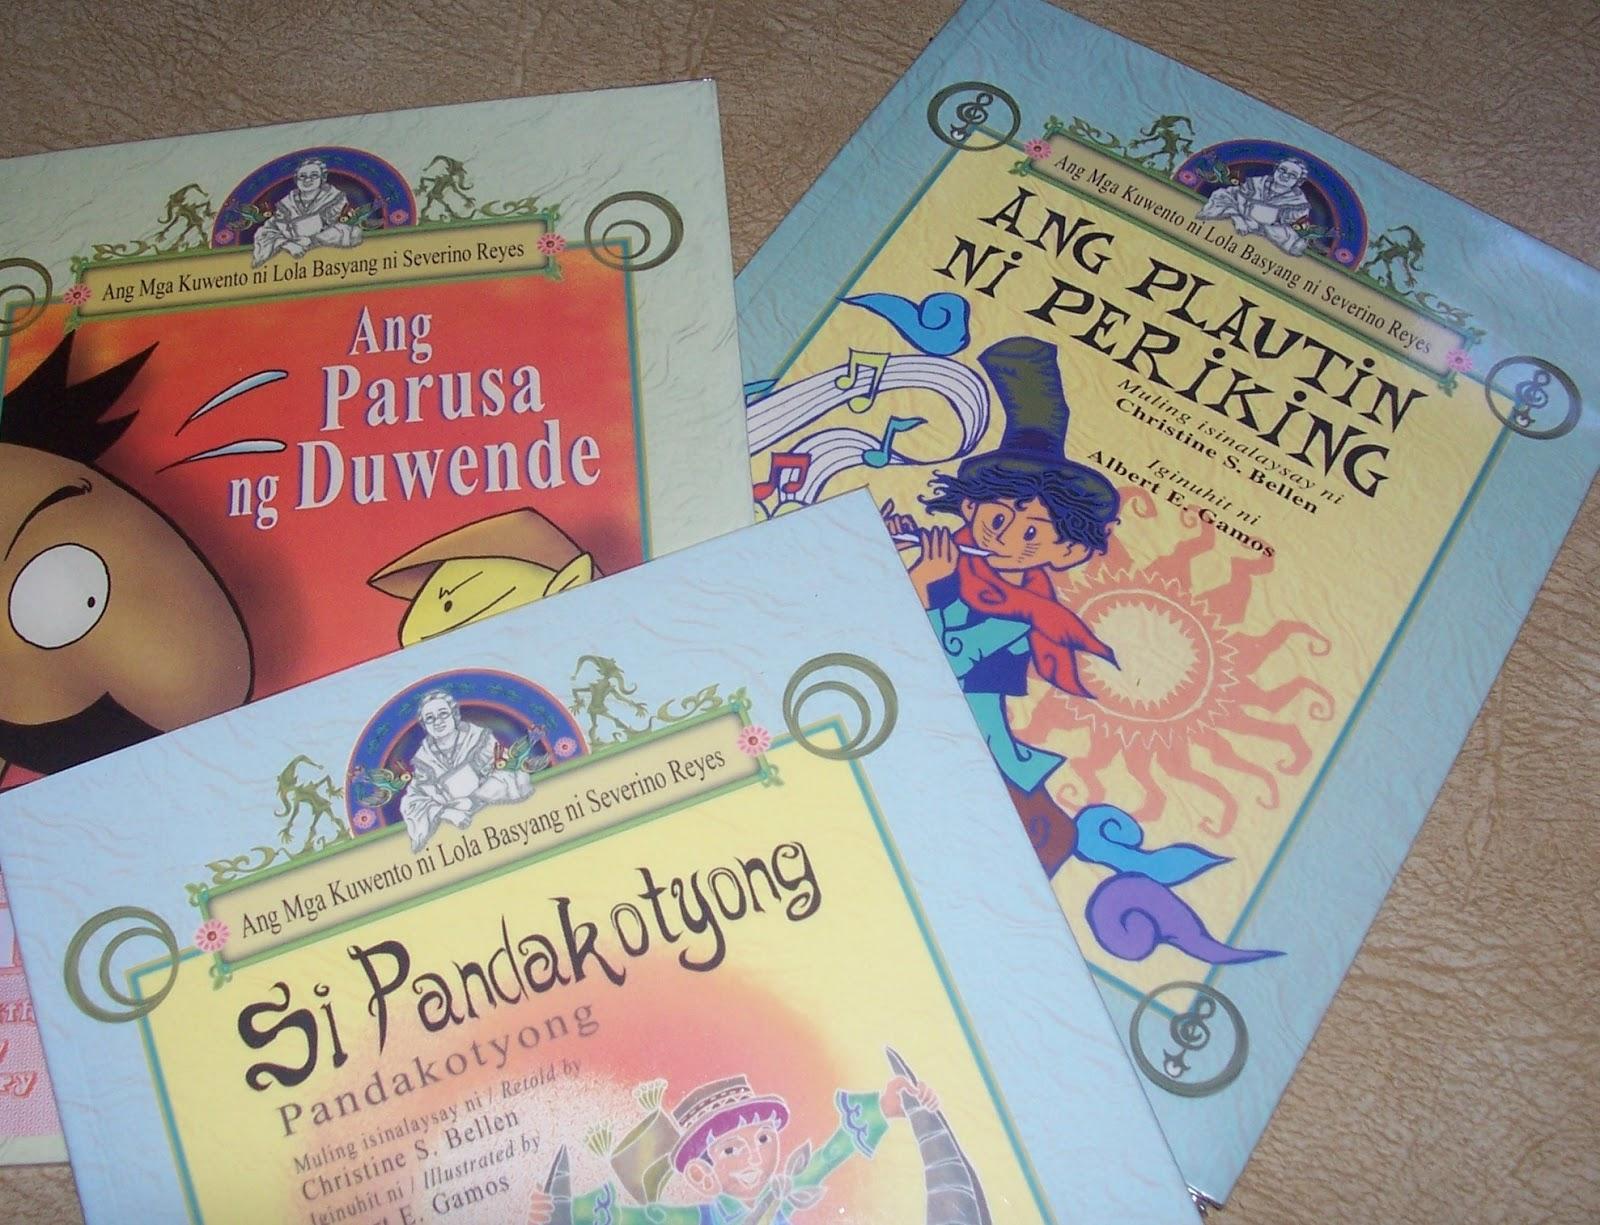 Mga Kuwento Ni Lola Basyang Book